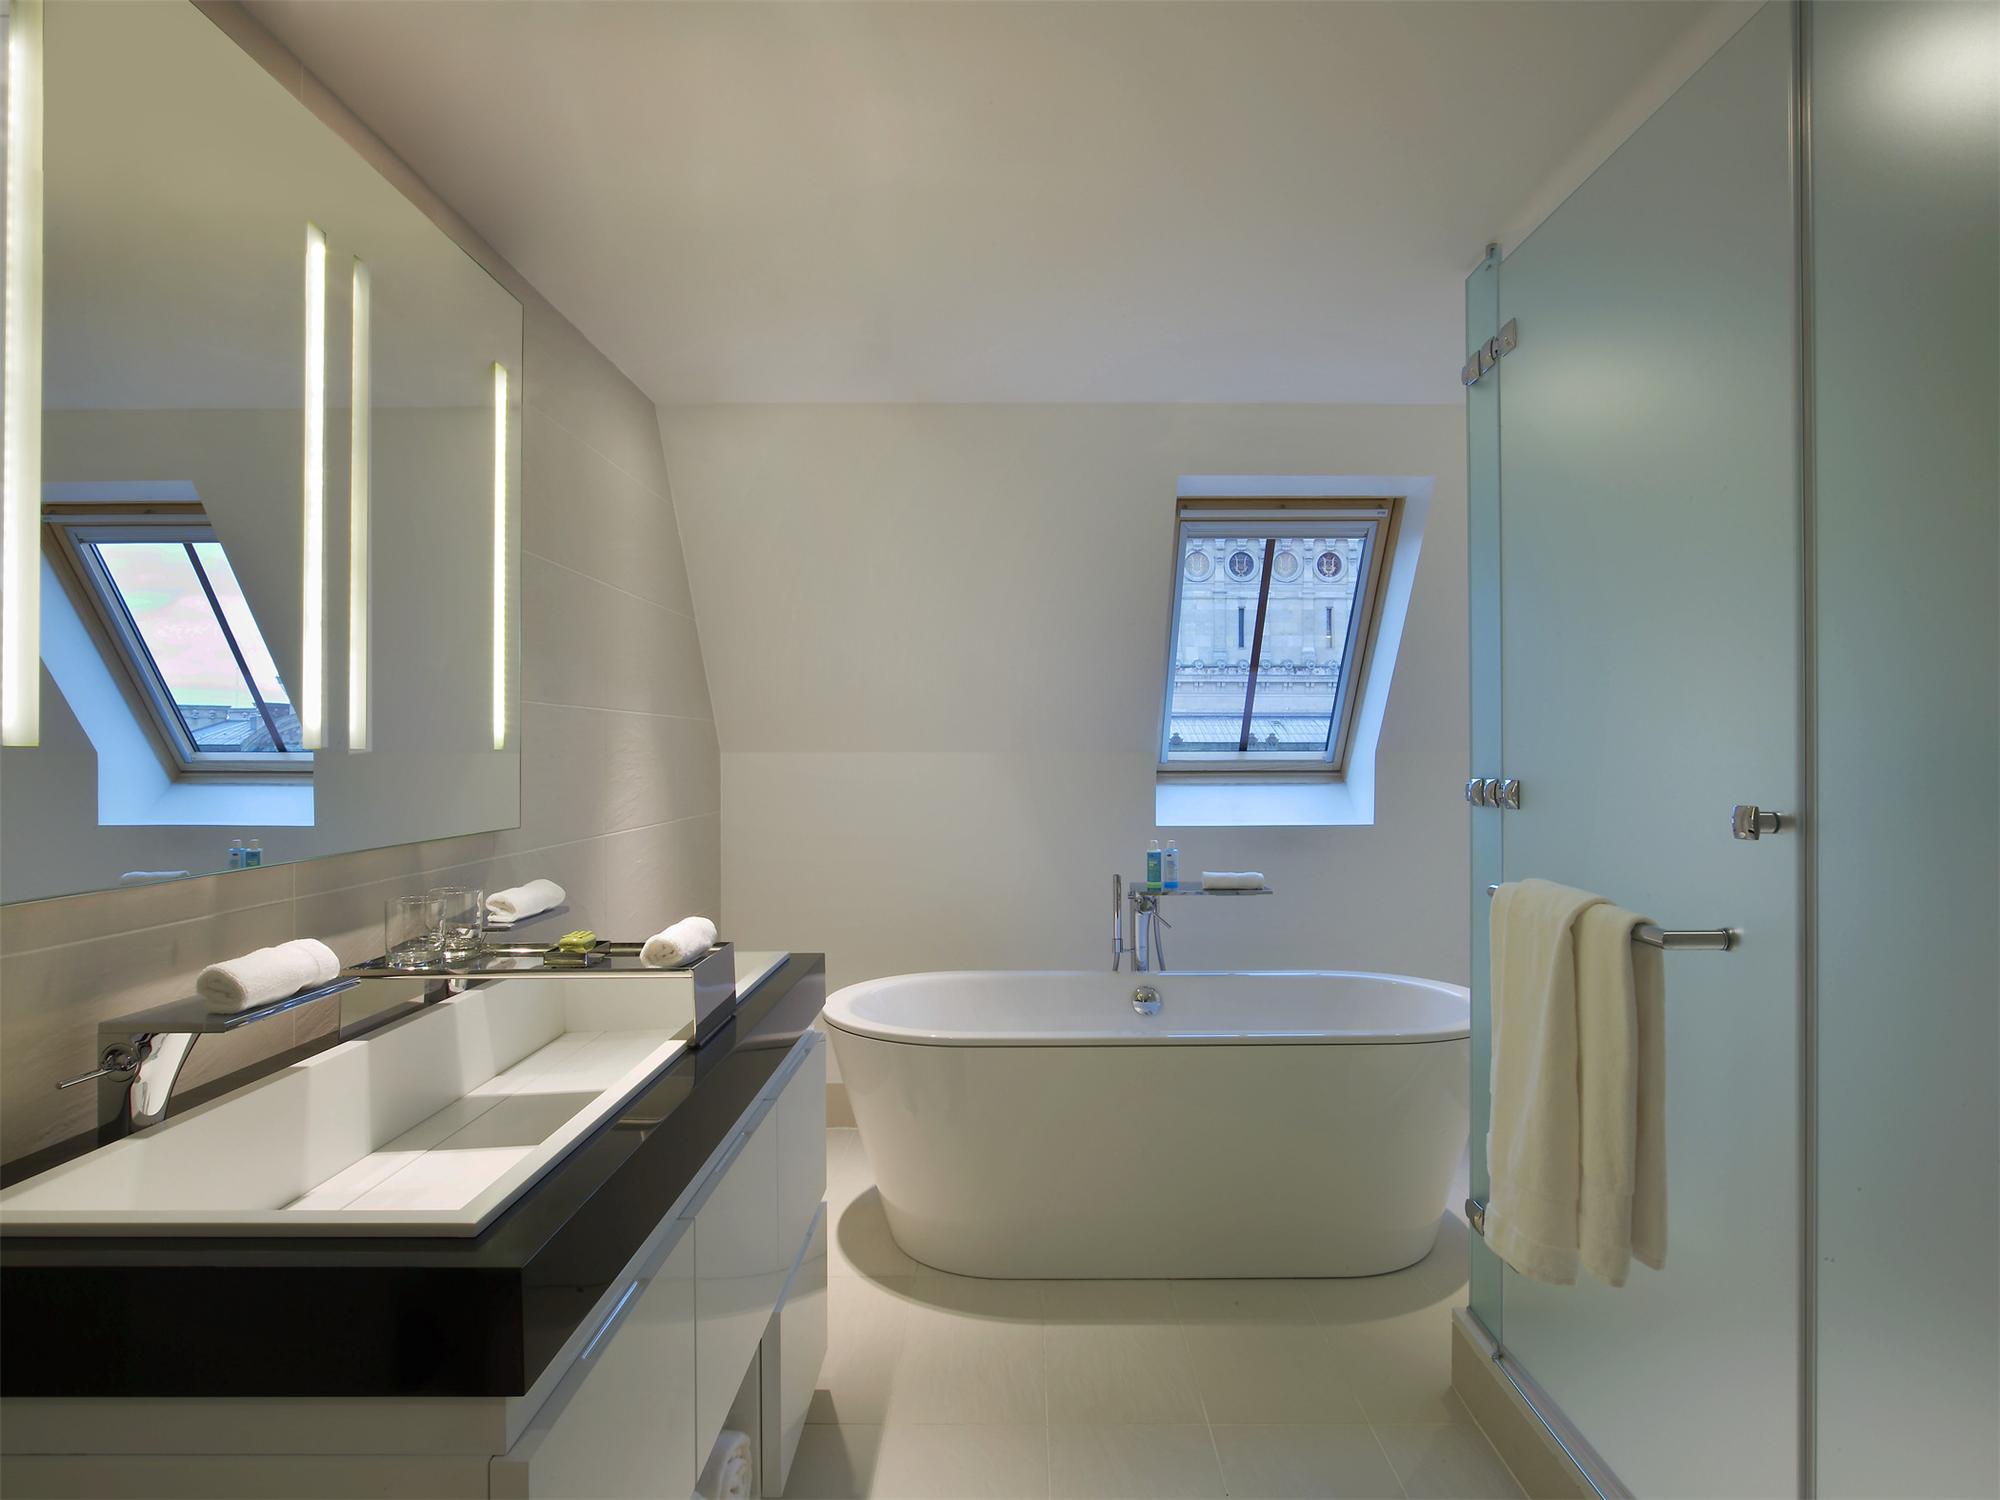 WOW Suite Bathroom W Paris